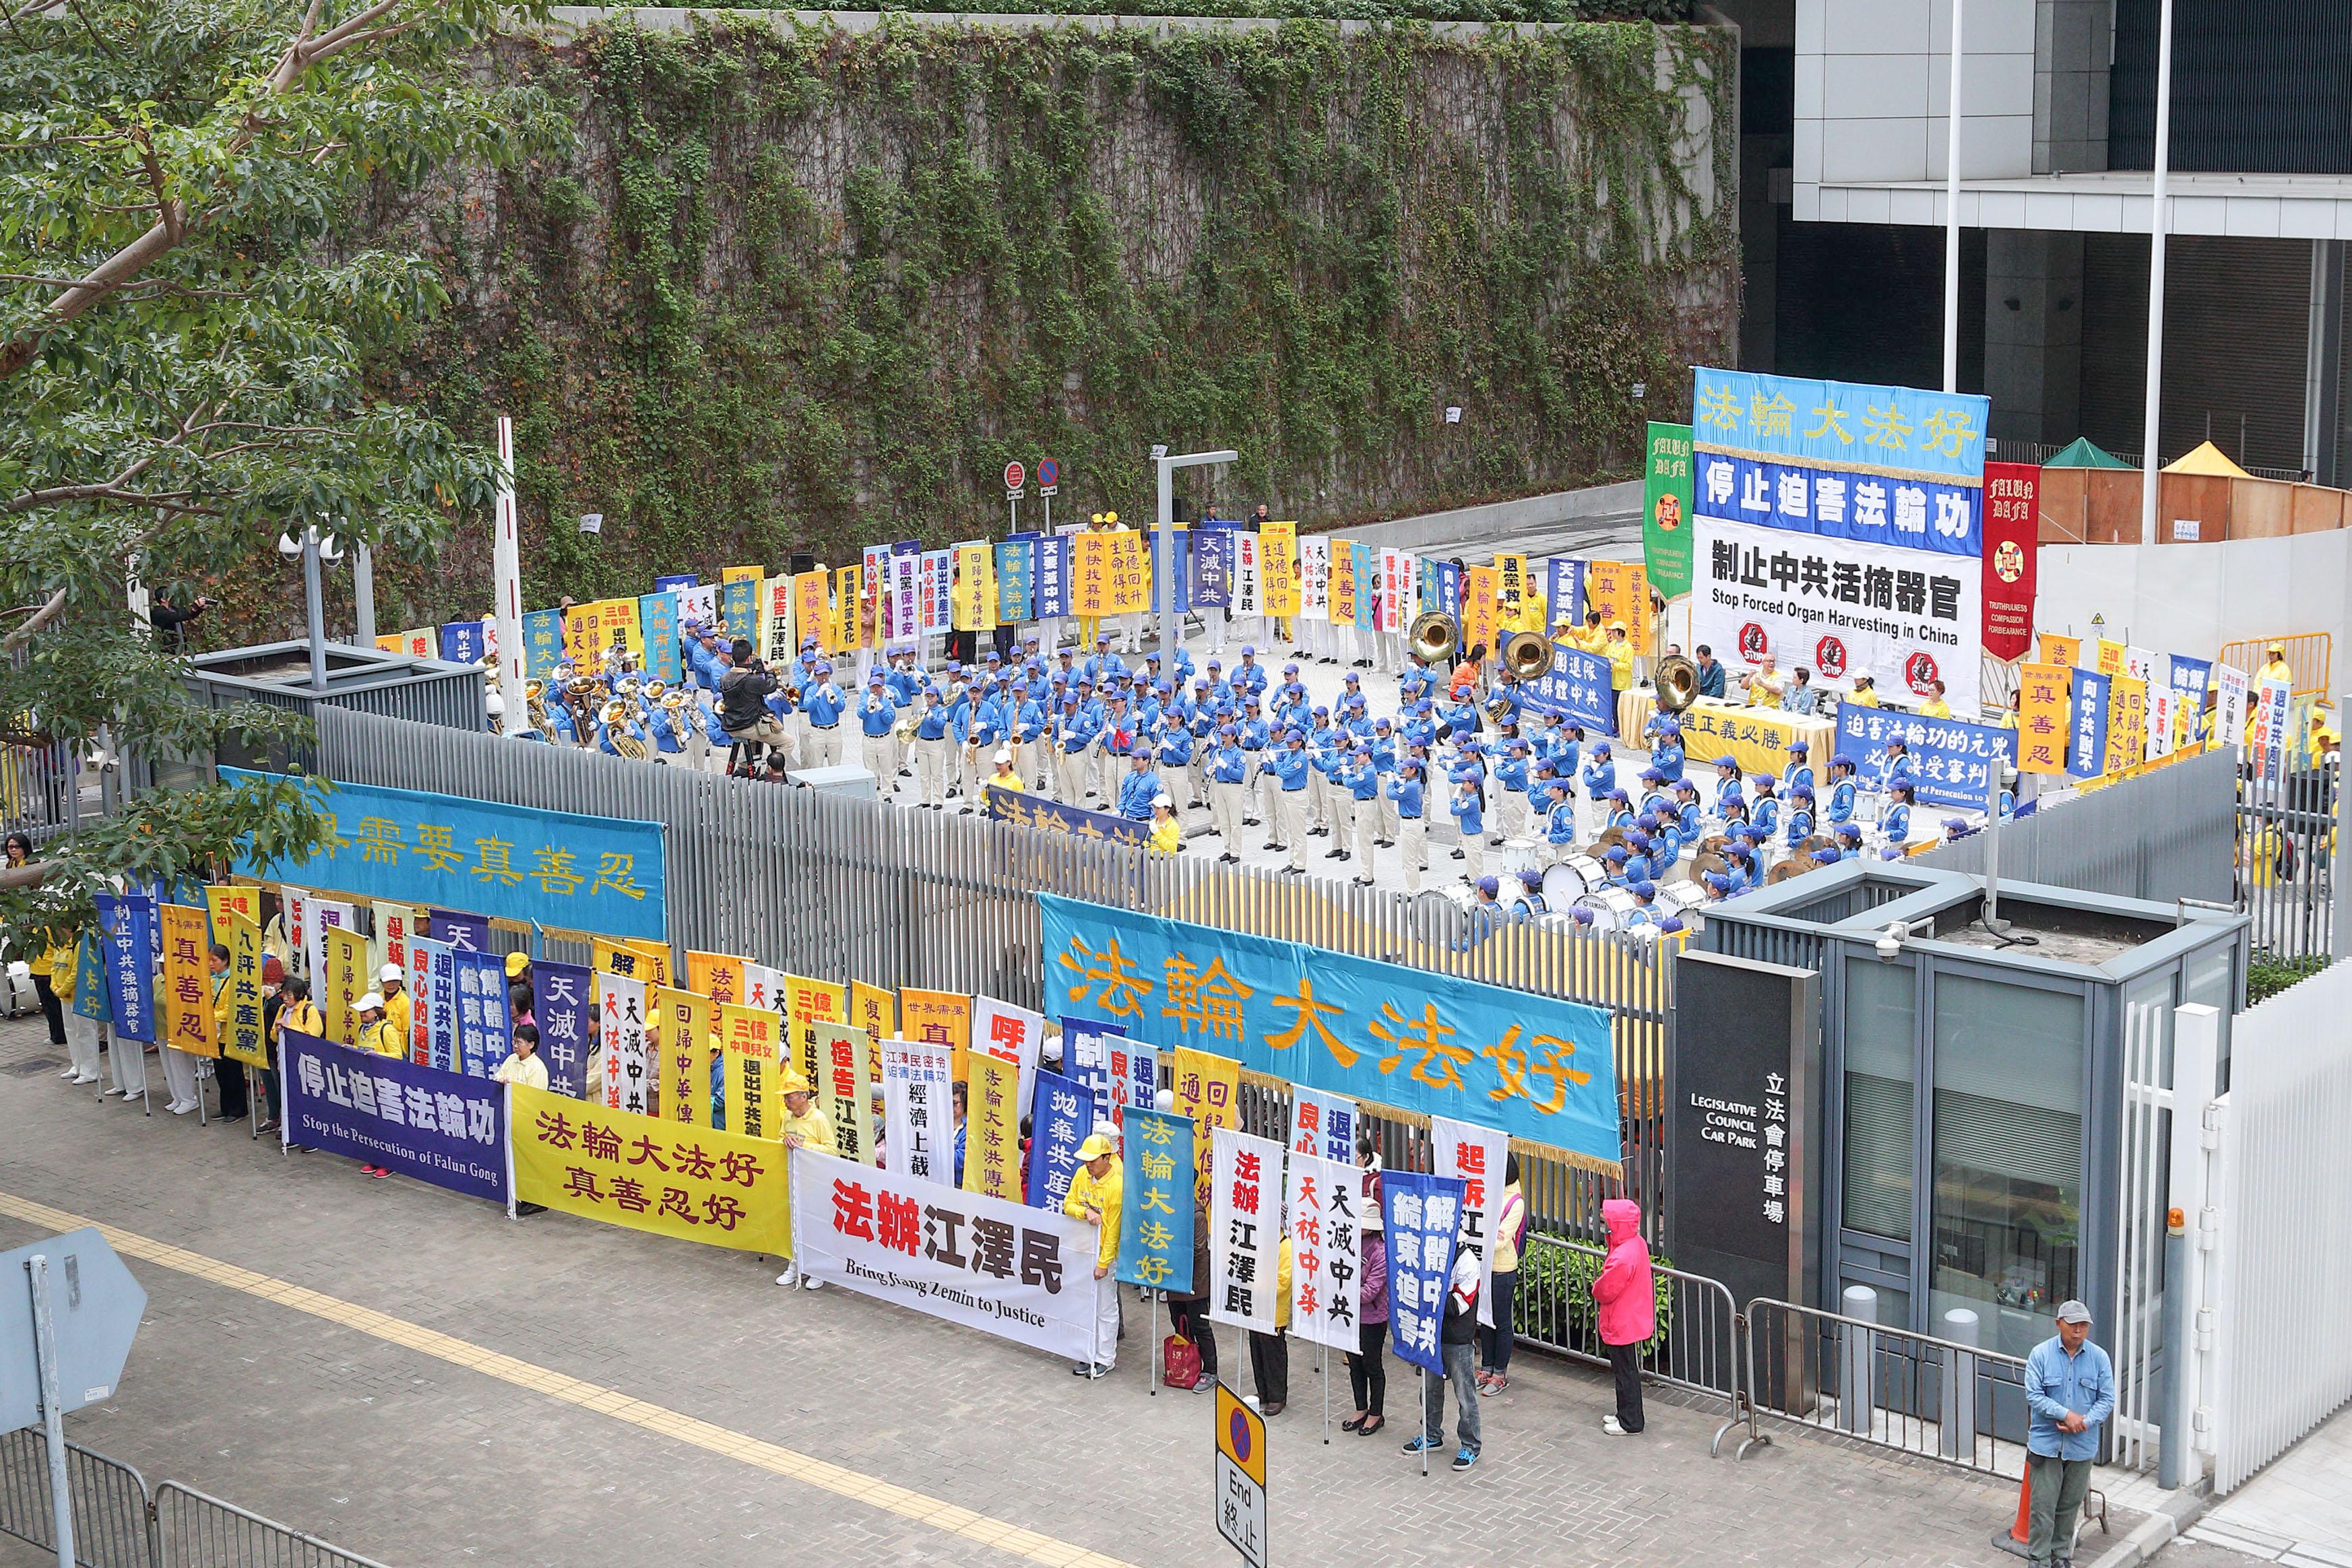 2018年12月9日上午10點,香港法輪功學員在政府總部前的「公民廣場」上舉行反迫害集會。(明慧網)